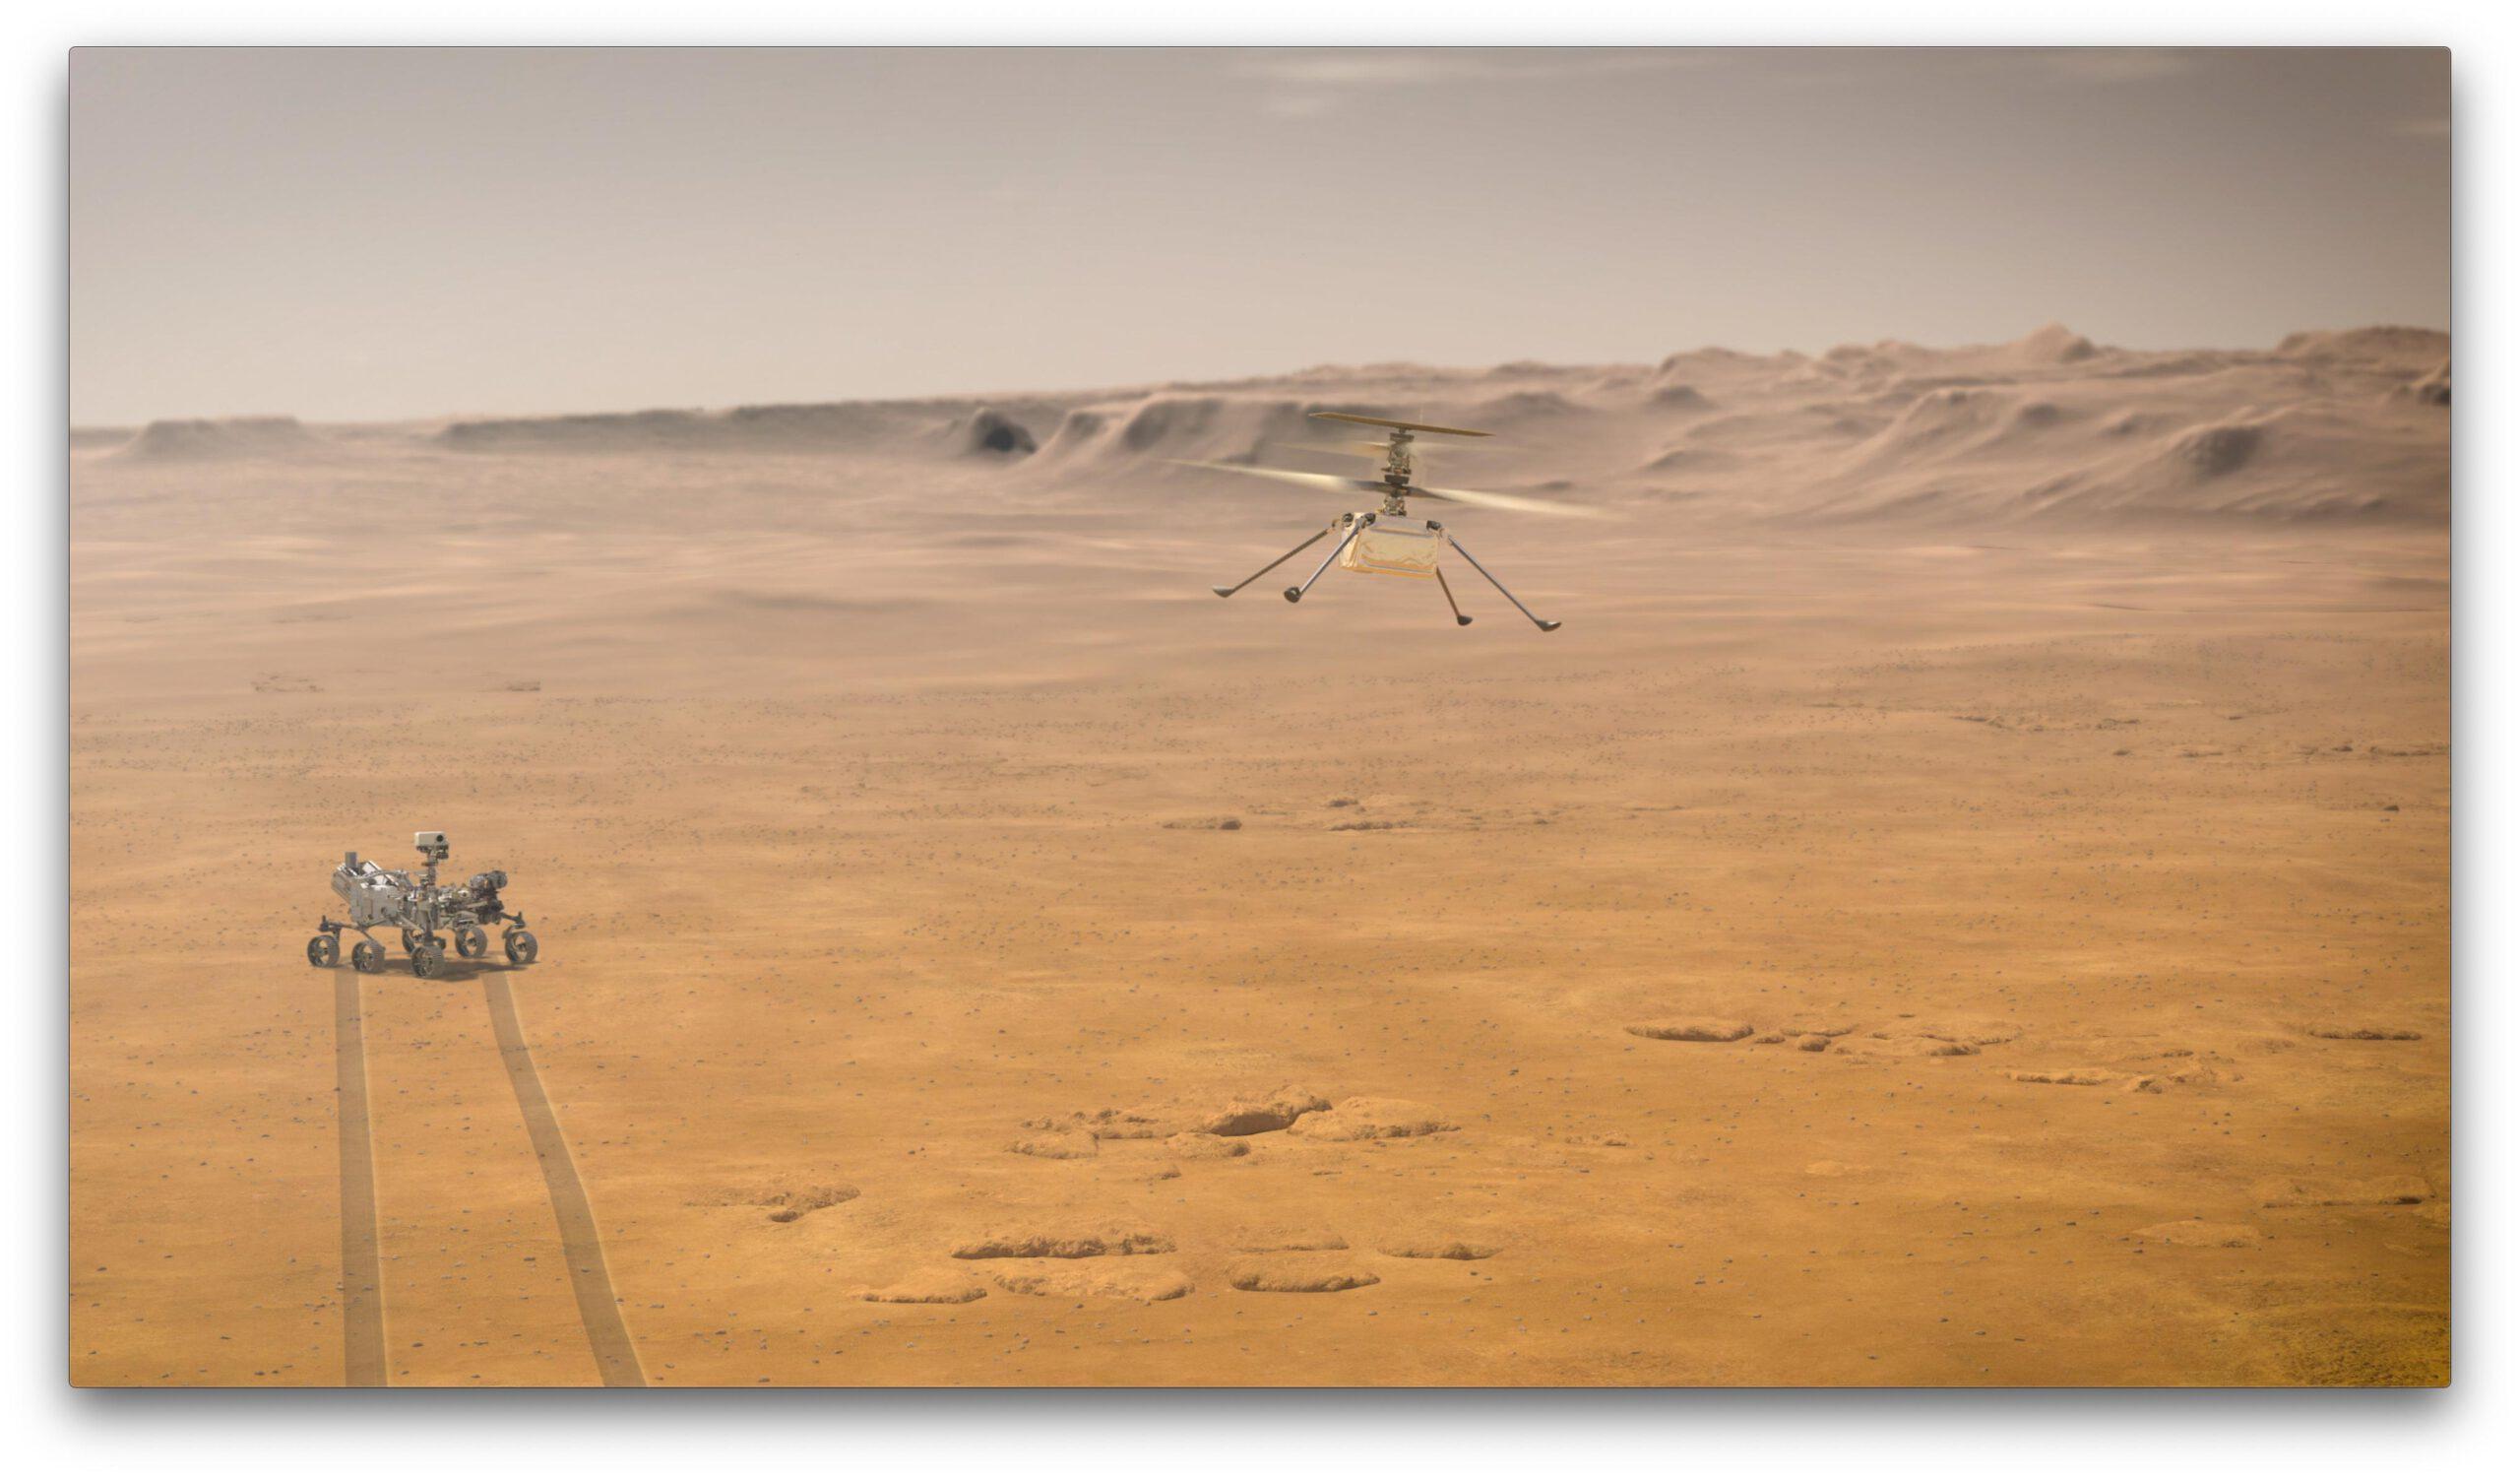 Umělecká představa Ingenuity létající na Marsu. Ilustrace: NASA/JPL-Caltech